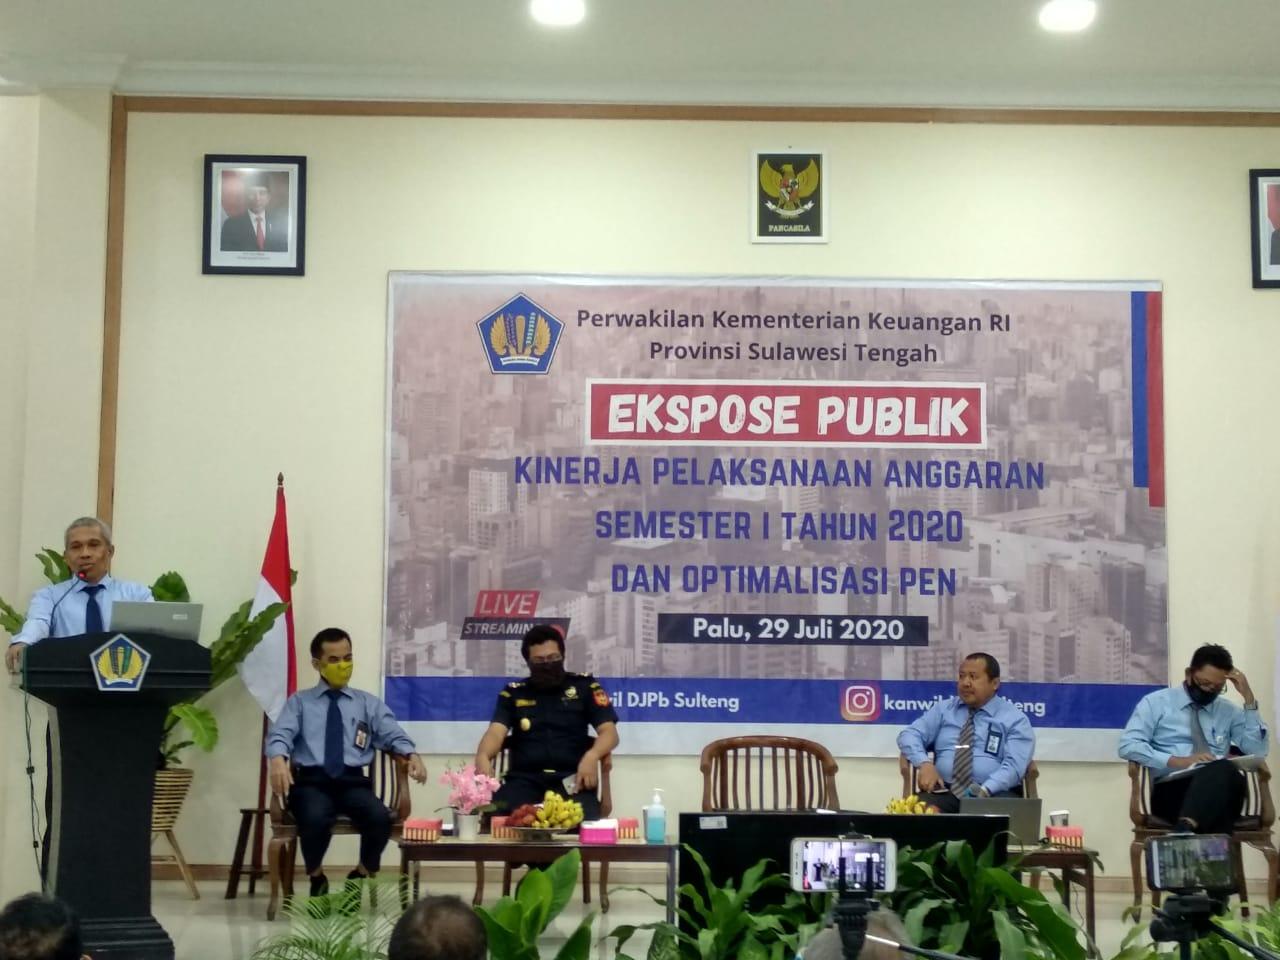 Kiat Pengelolaan Aset Publik dalam Mendukung PNBP dan Layanan Umum